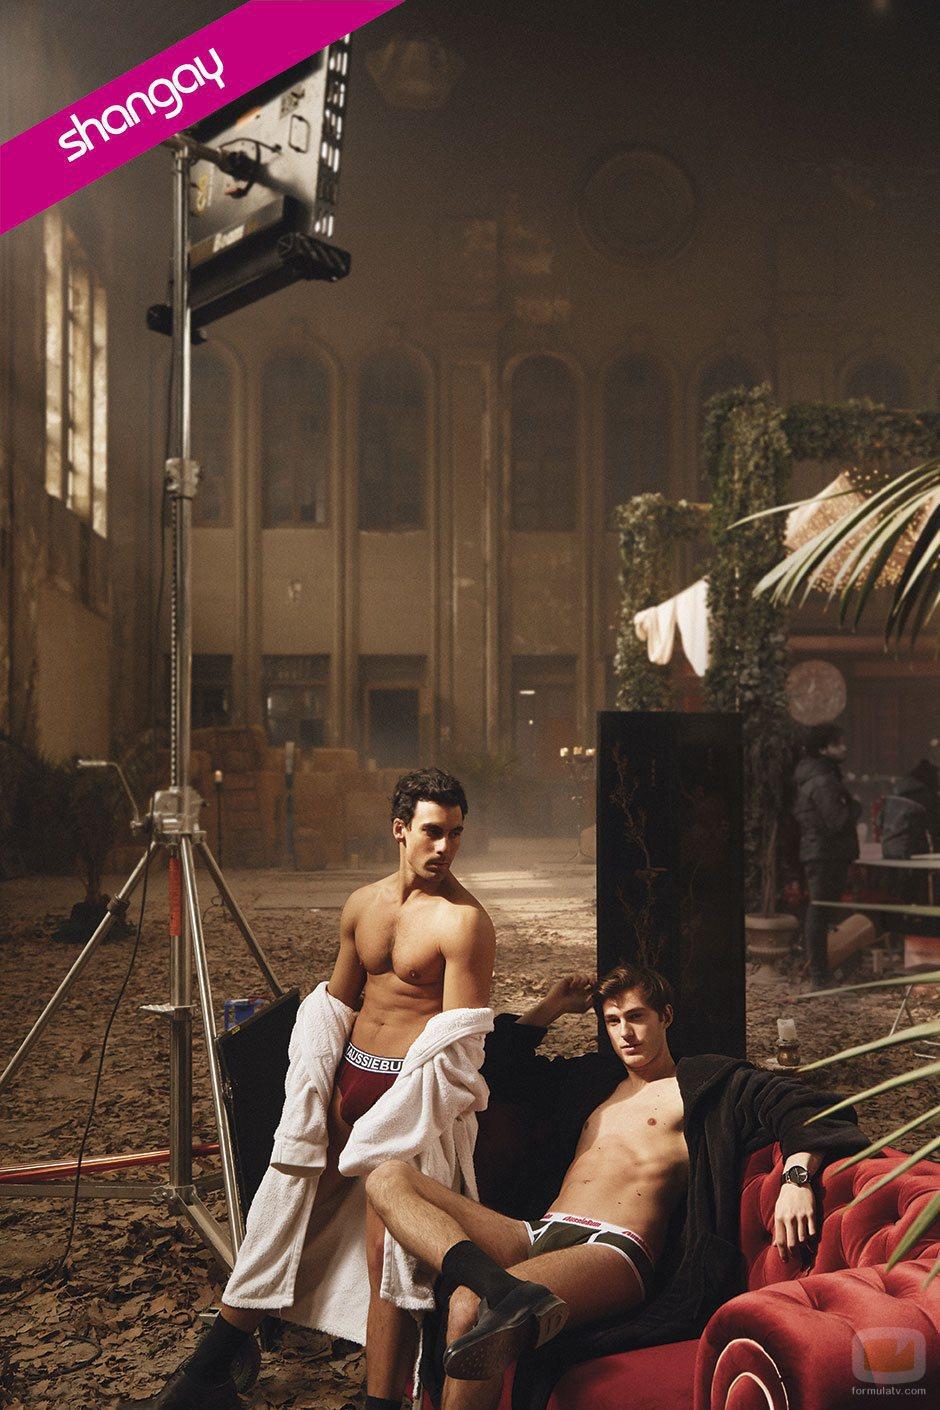 Christian Sánchez y Manu Vega, actores de 'Cupido', en una foto sexy para Shangay